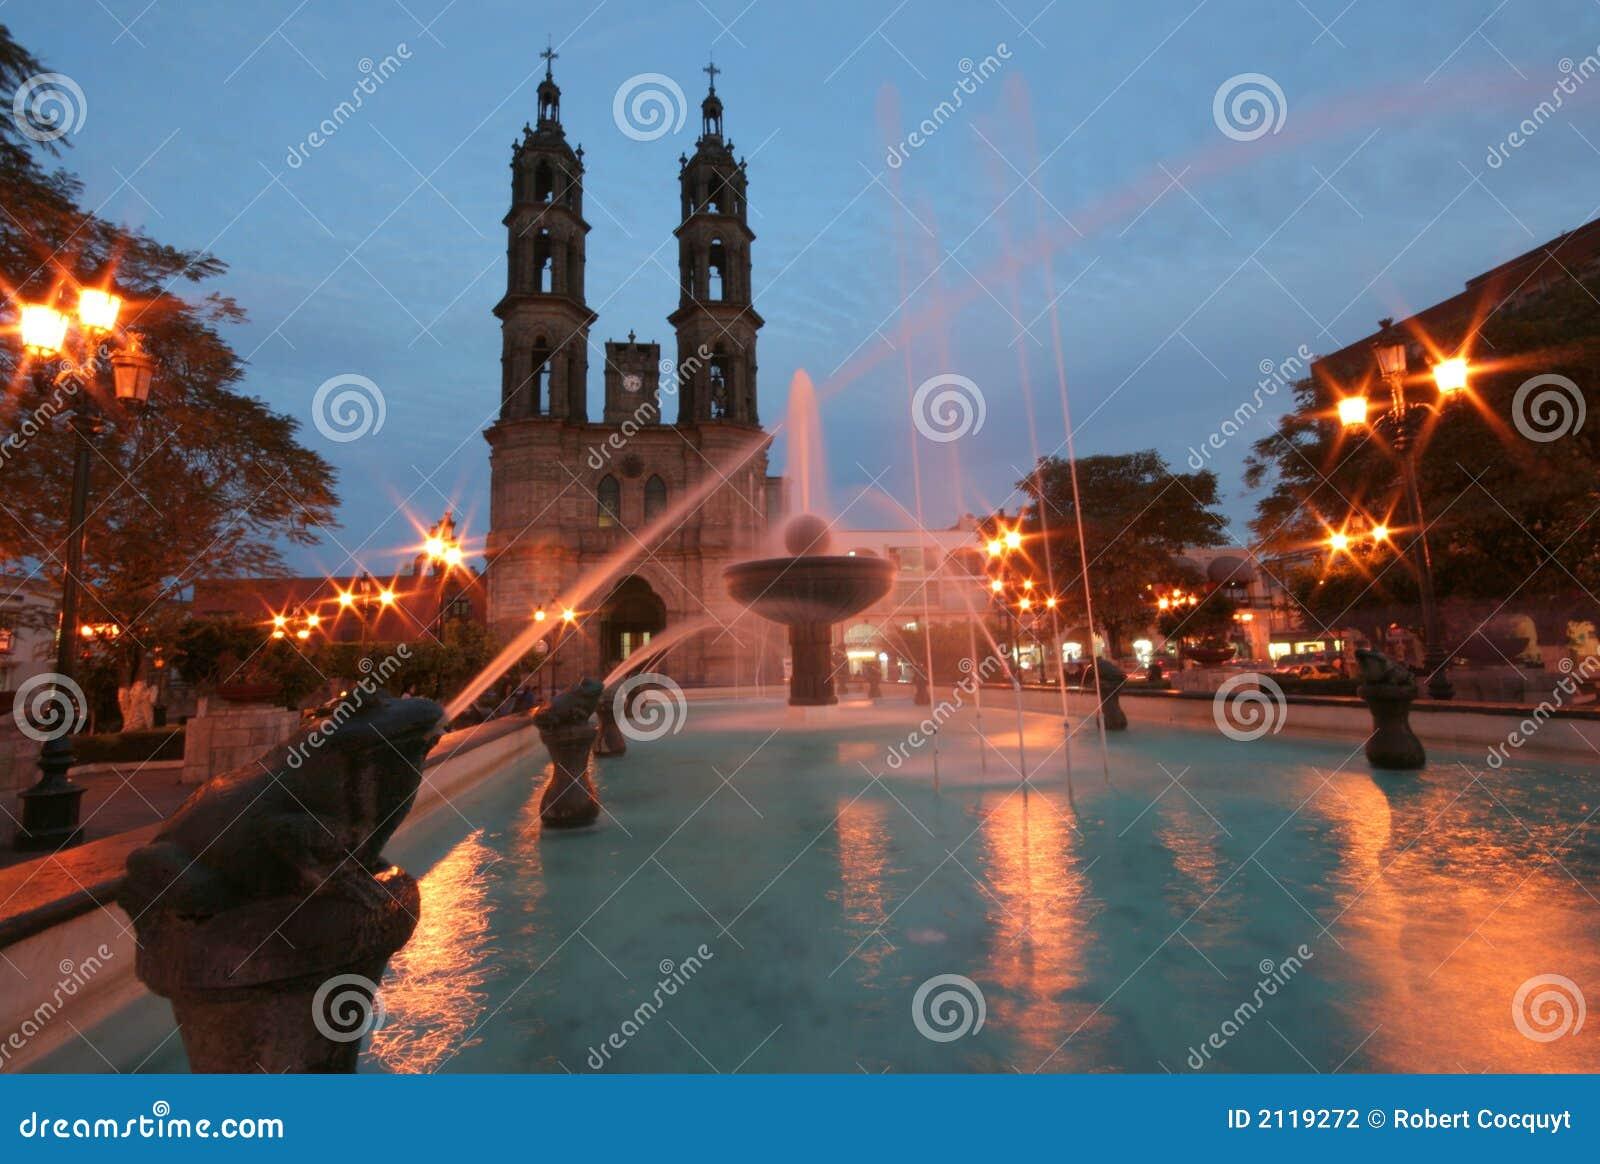 Chiesa alla notte